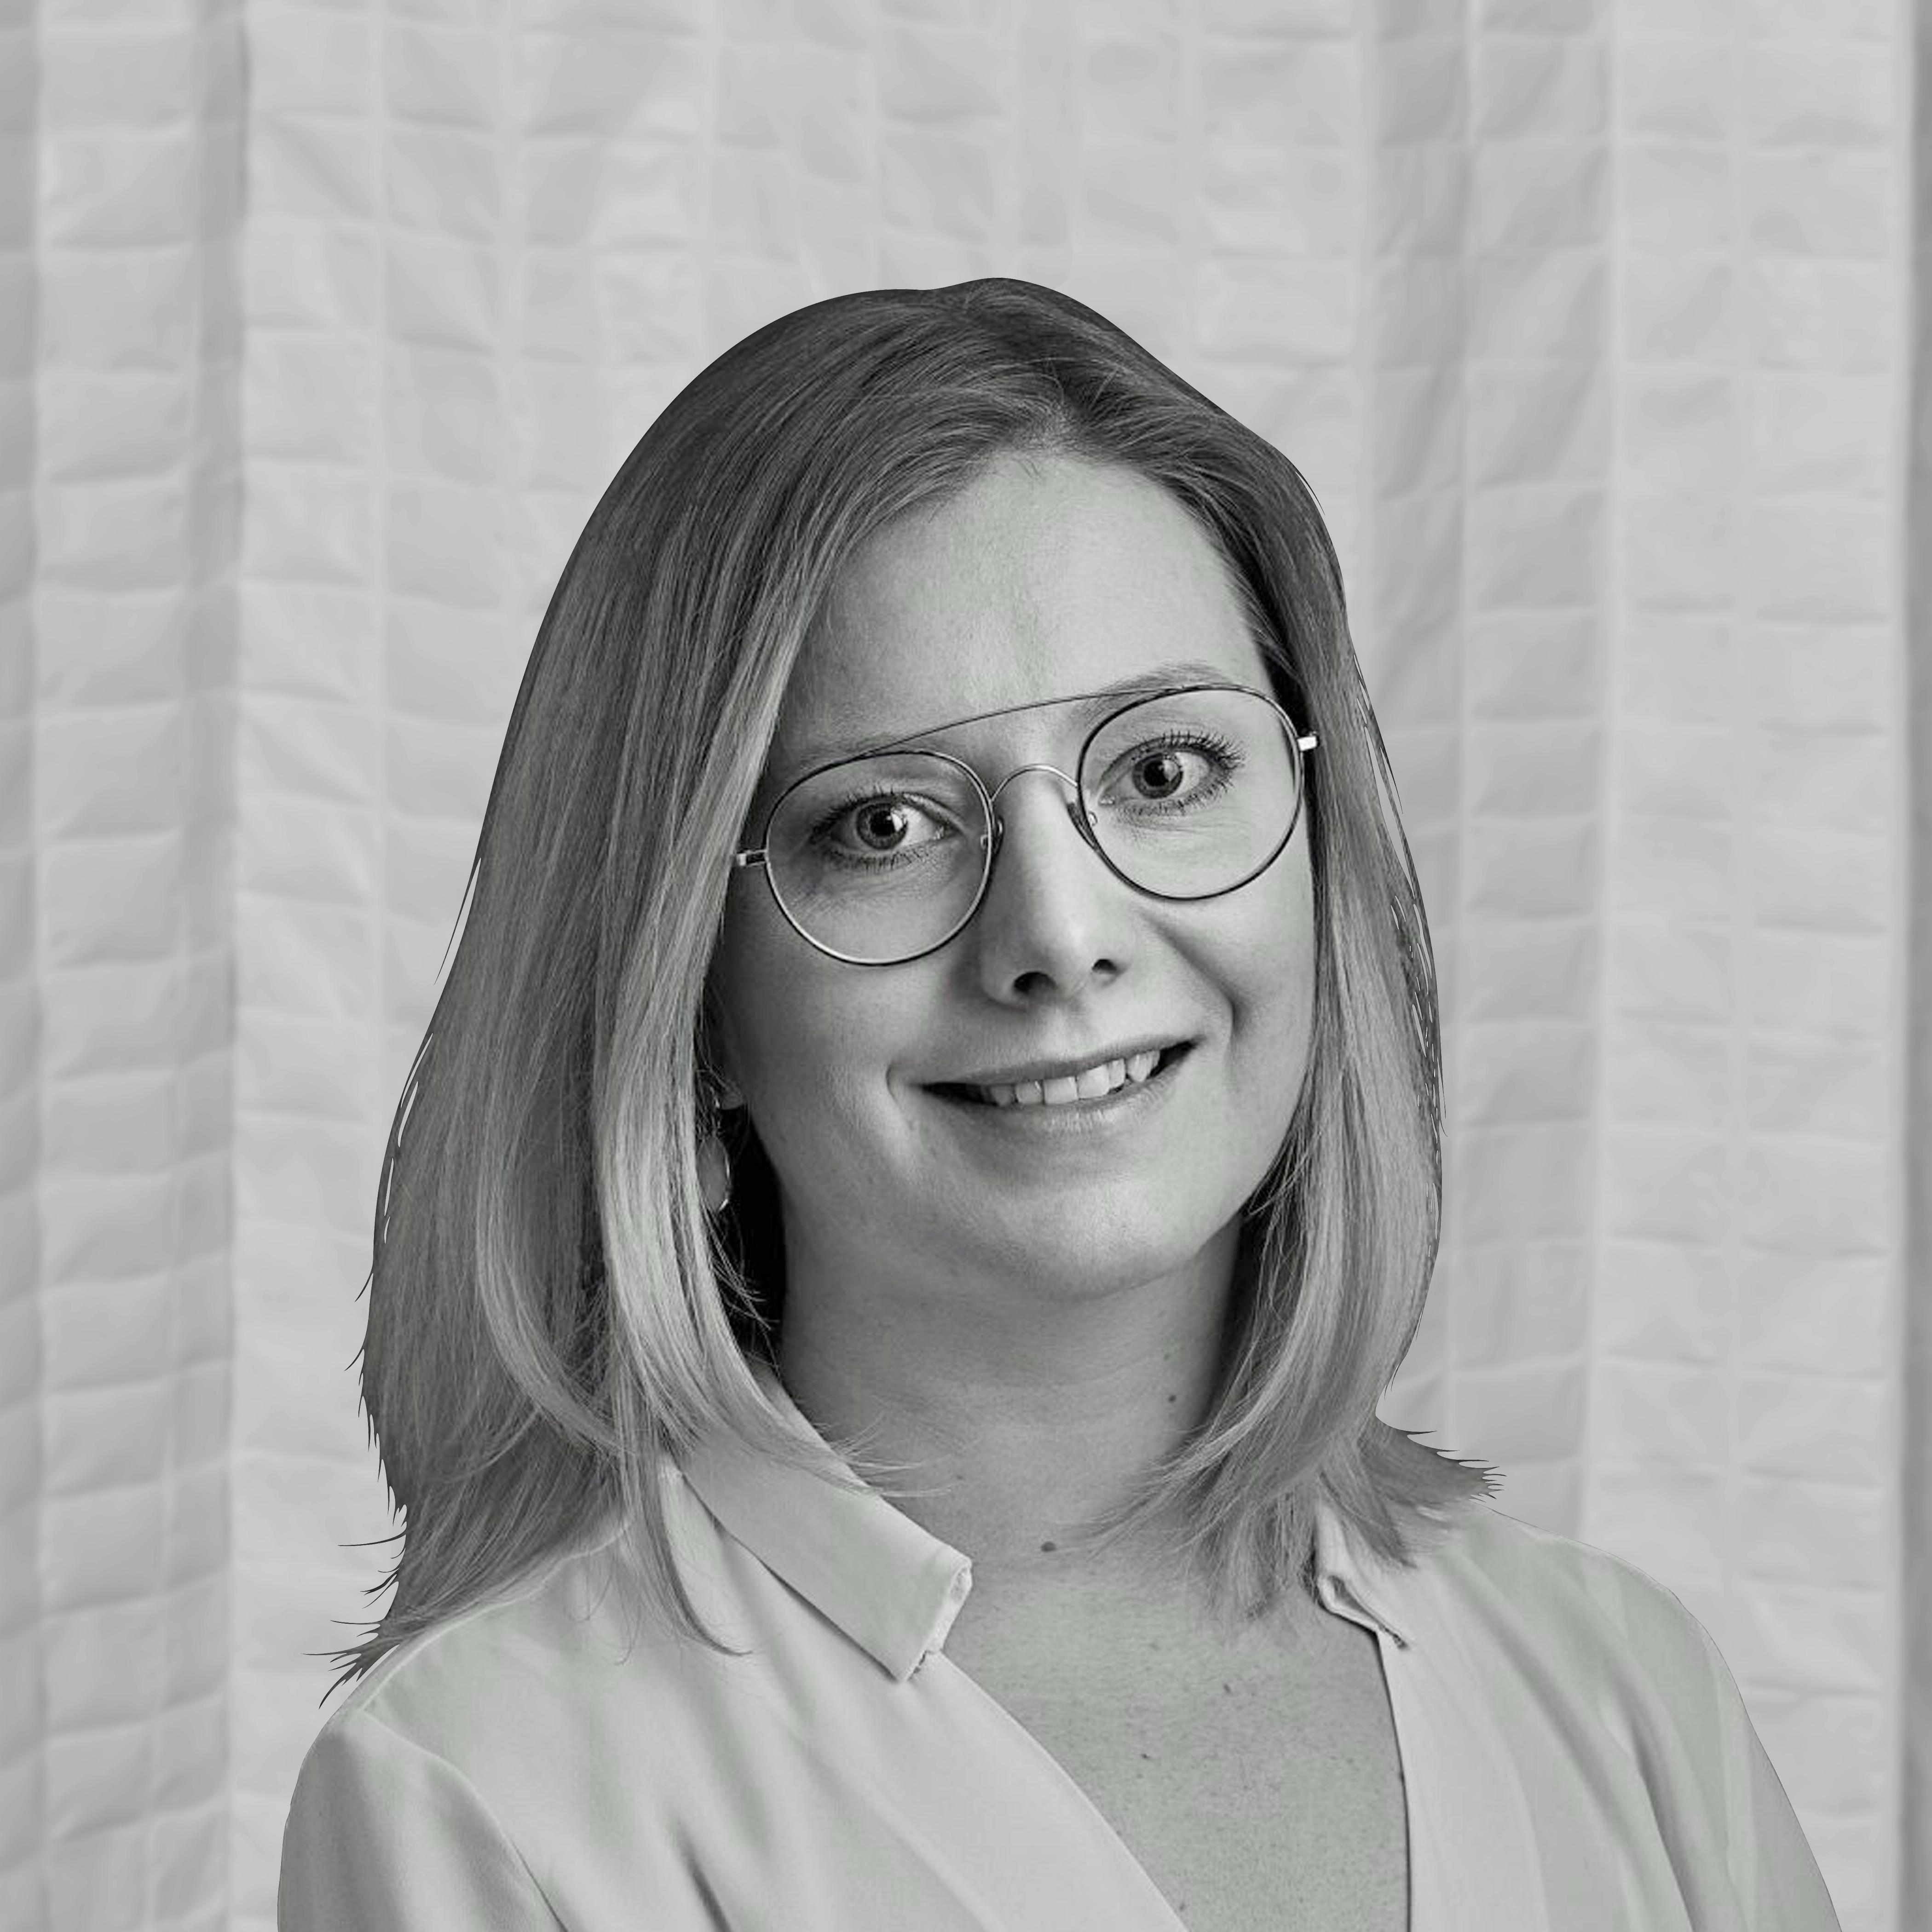 Hanna Rauhala